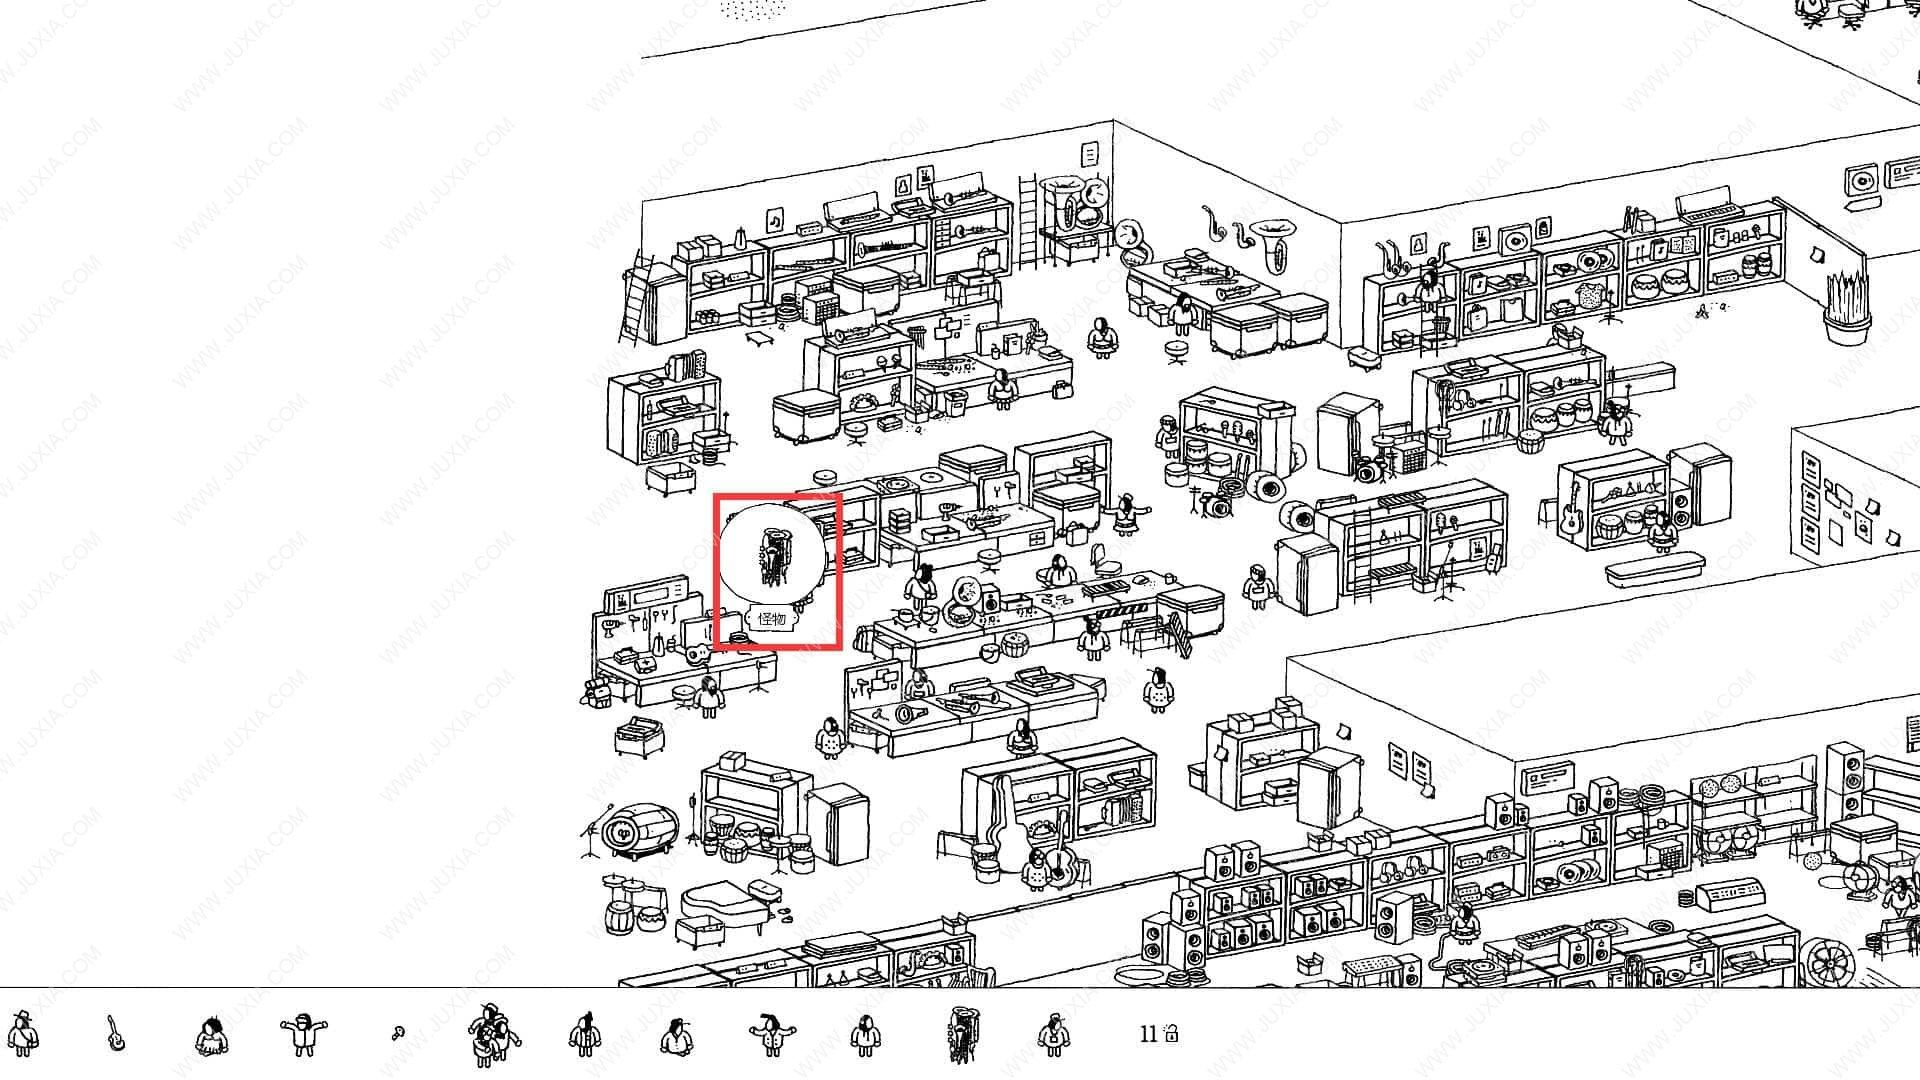 隐藏的家伙攻略巡回演出第2关 HiddenFolks图文攻略巡回演出第二关